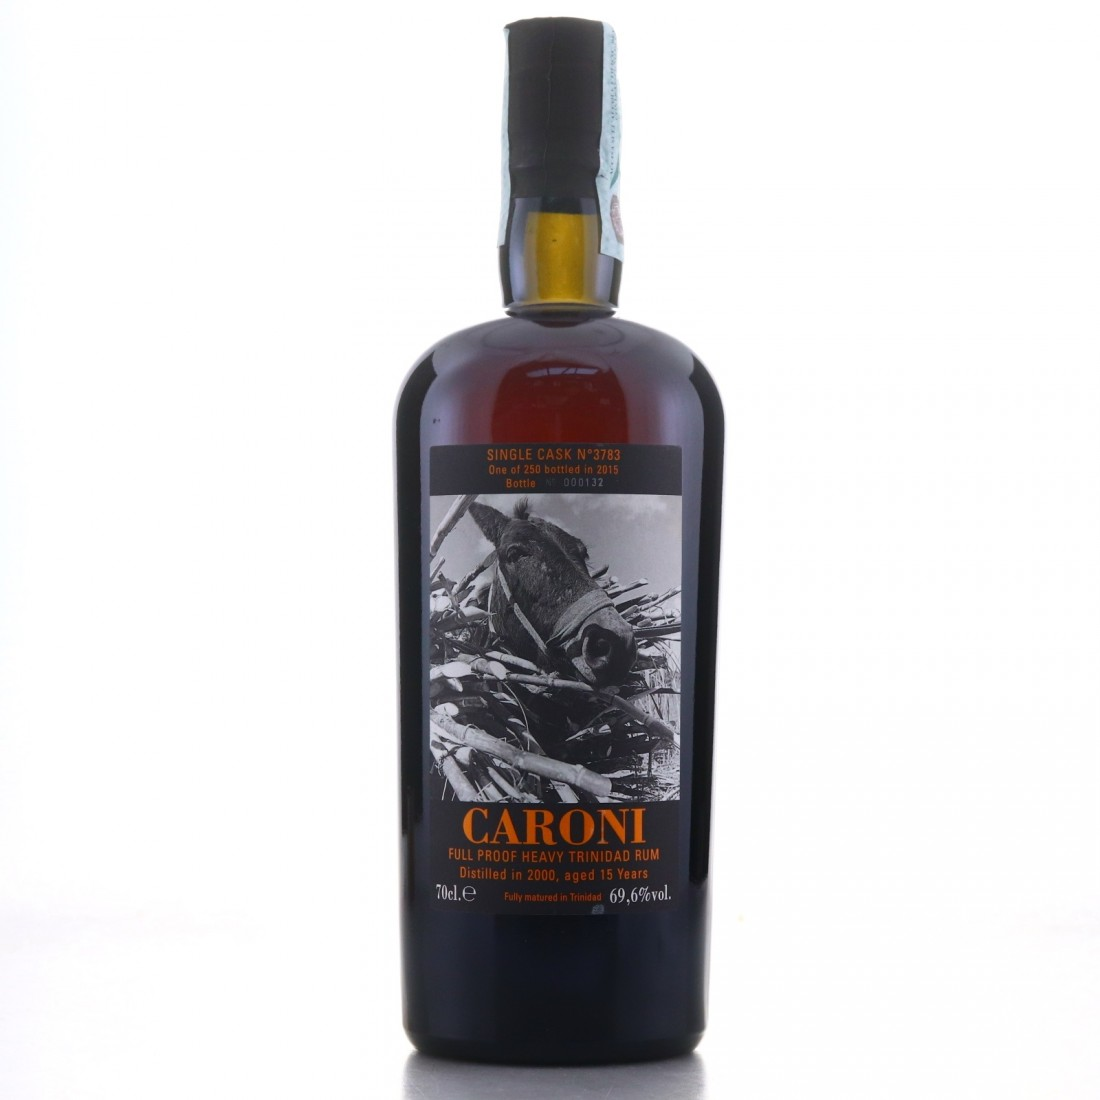 Caroni 2000 Velier 15 Year Old Single Cask Heavy #3783